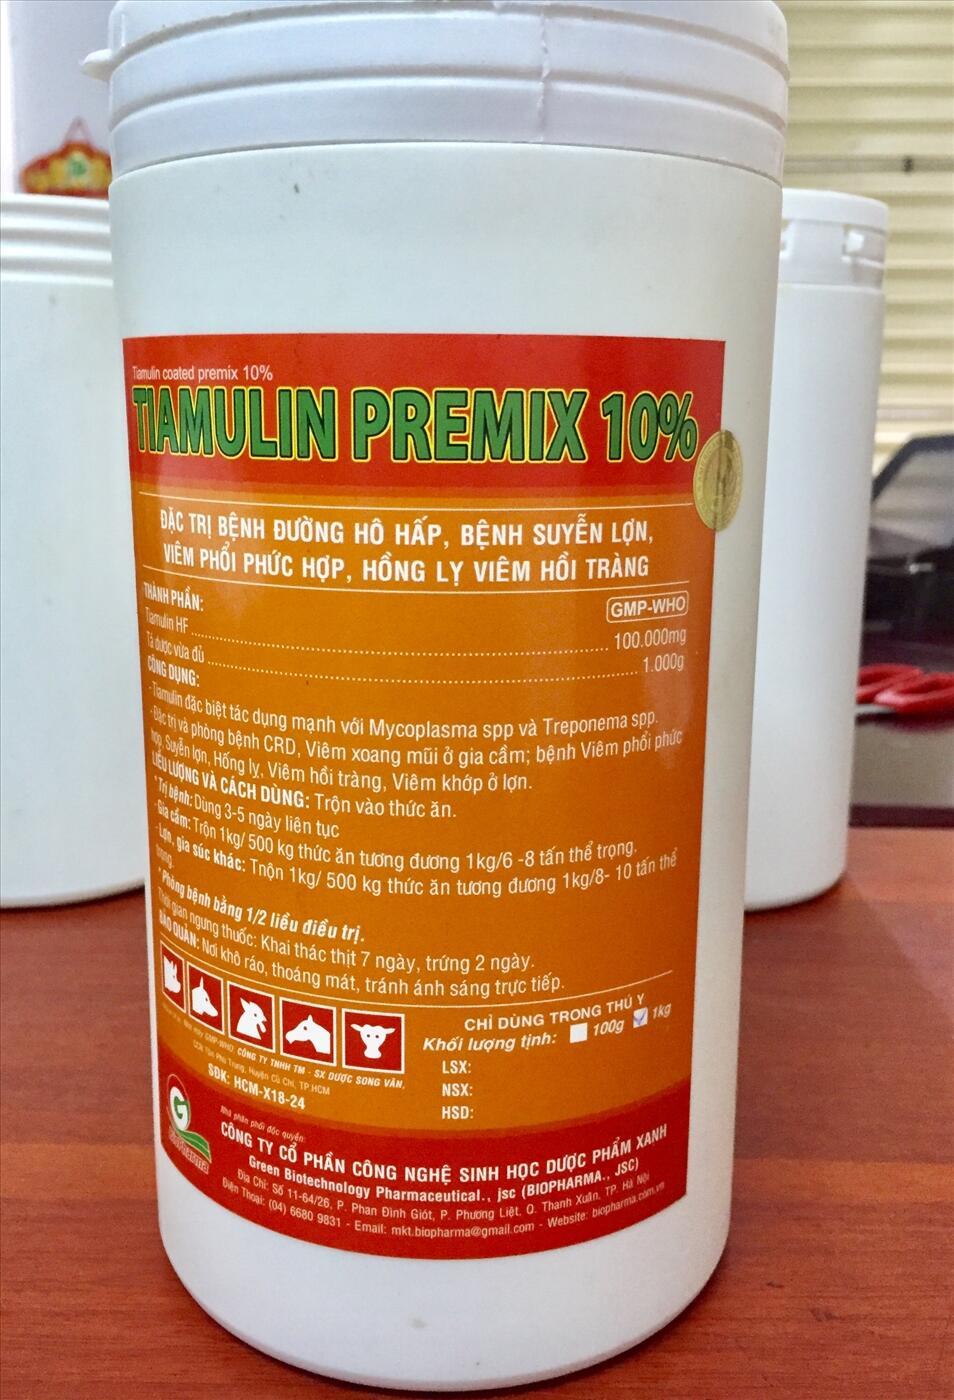 TIAMULIN PREMIX 10%